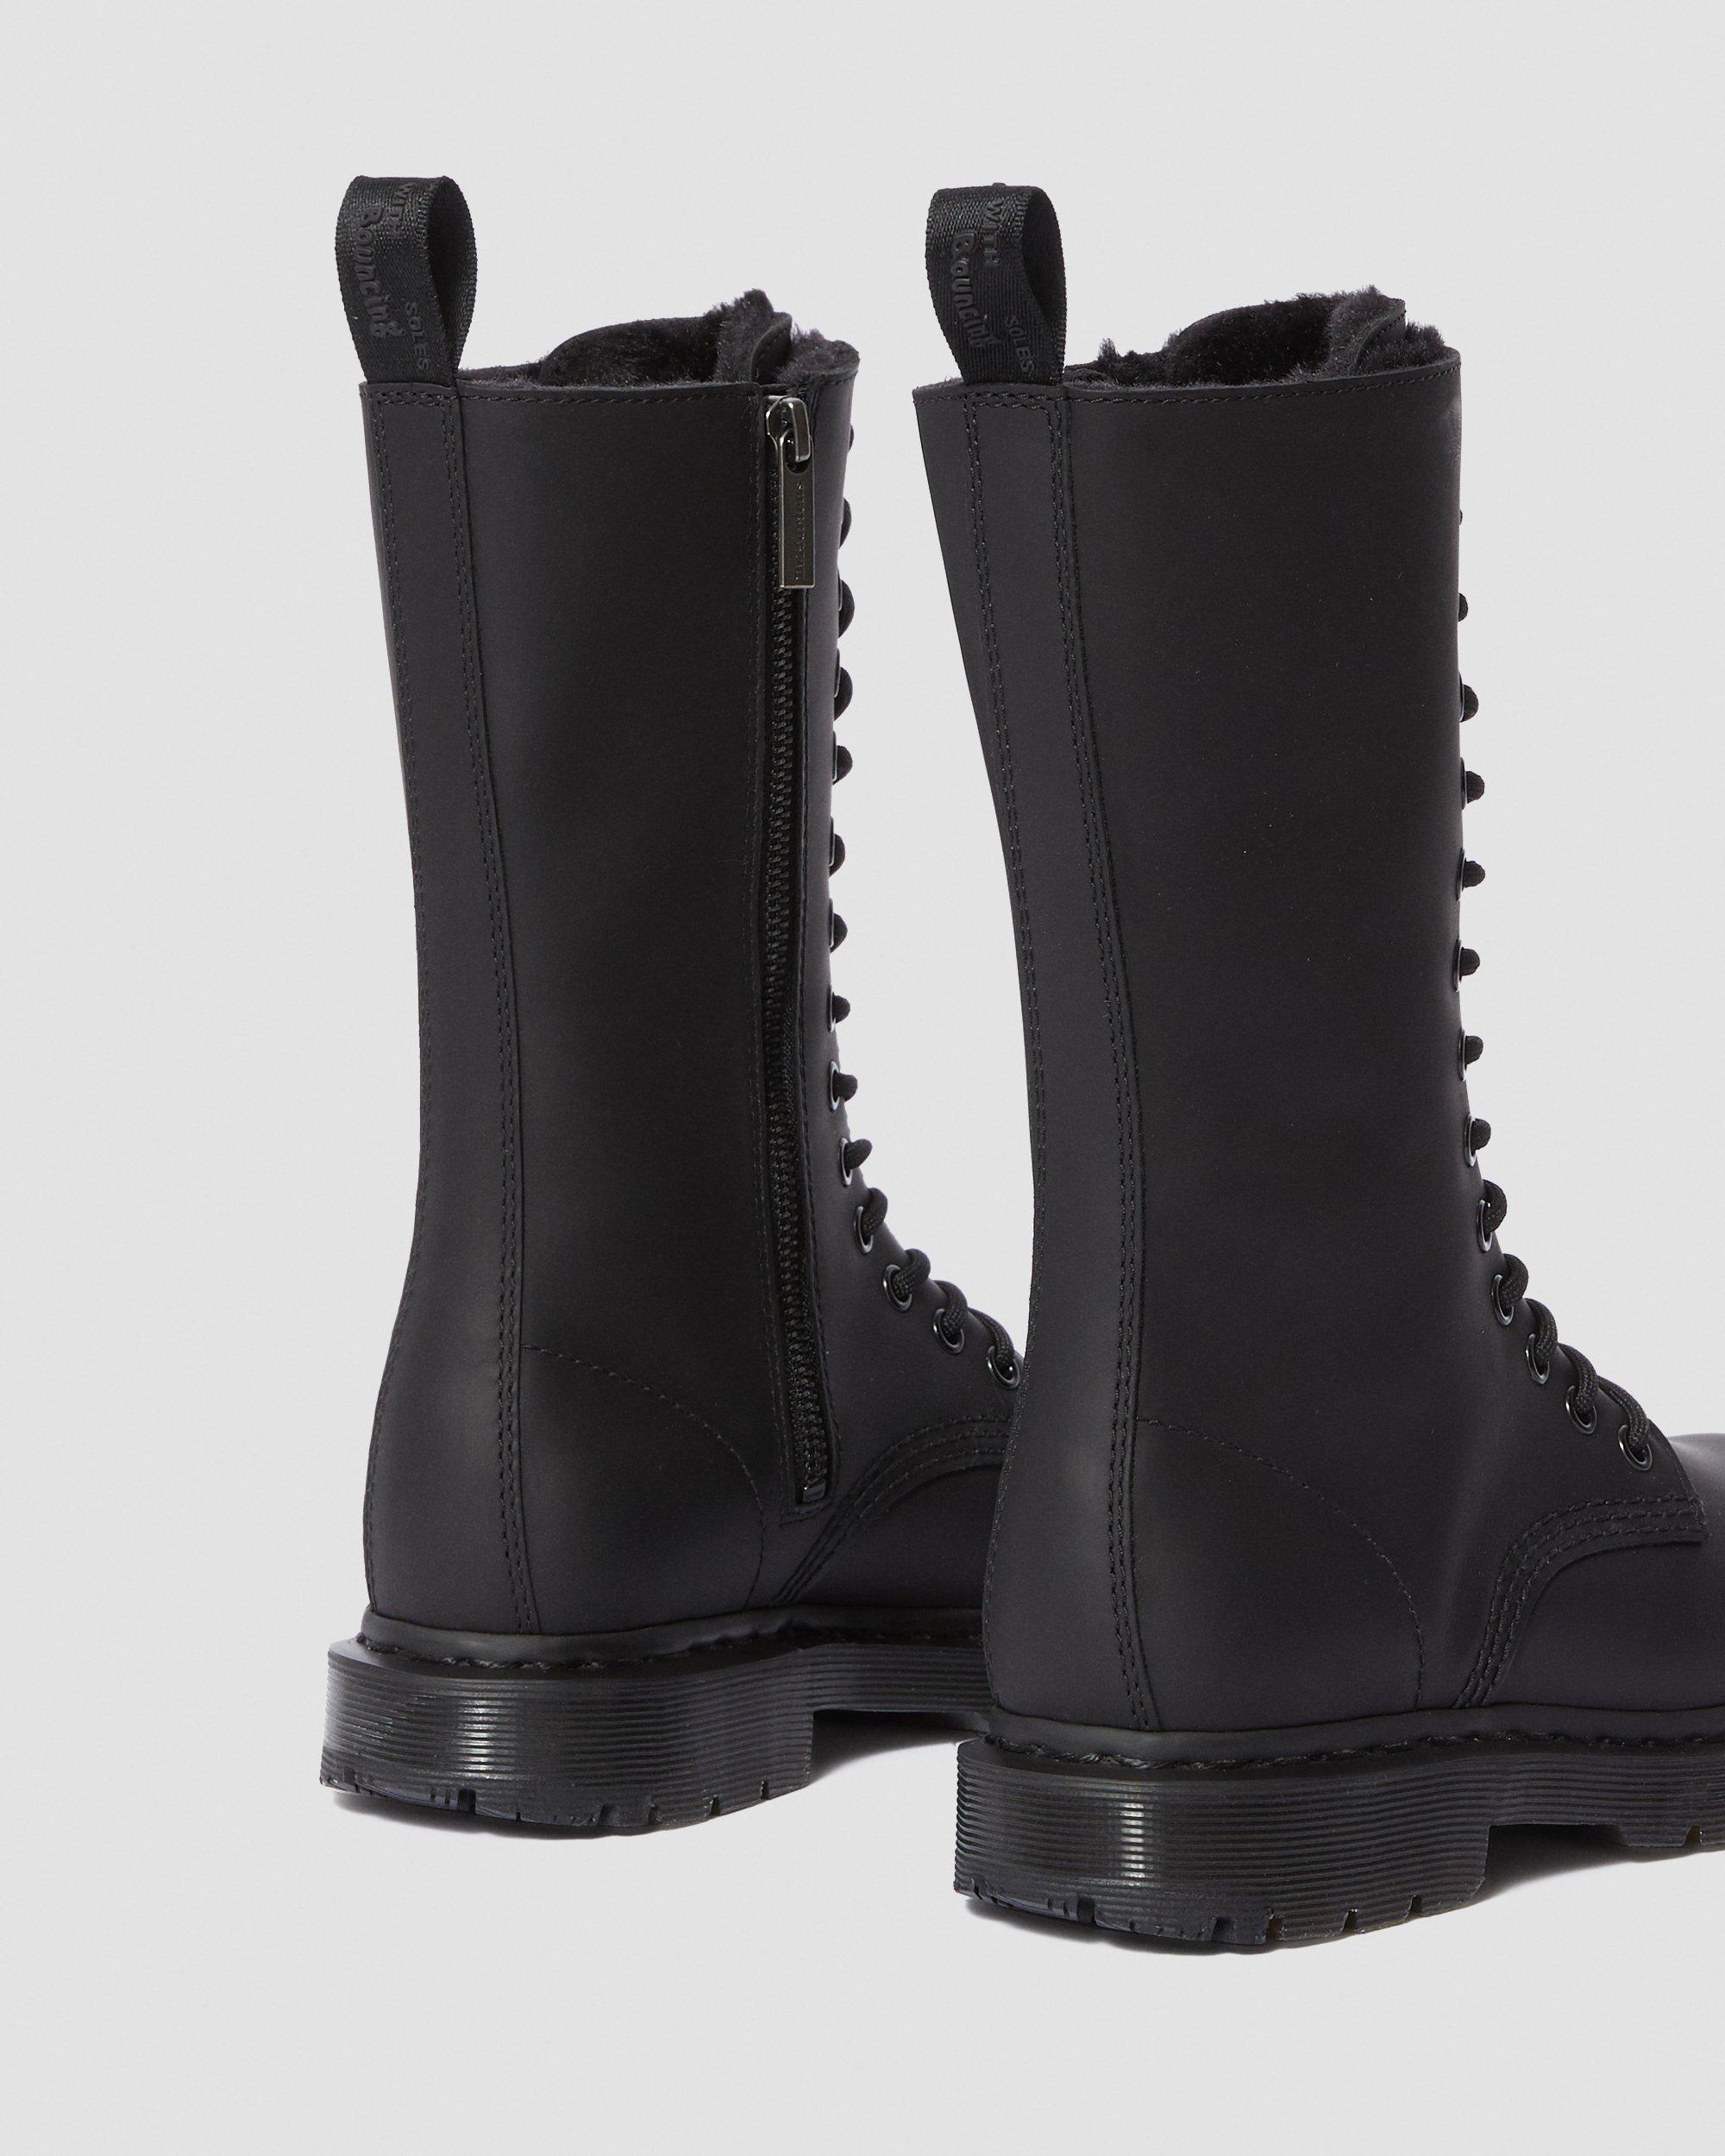 Dr. Martens Snowplow 8 Eye Boot | Grandshoes.co.uk | Dr